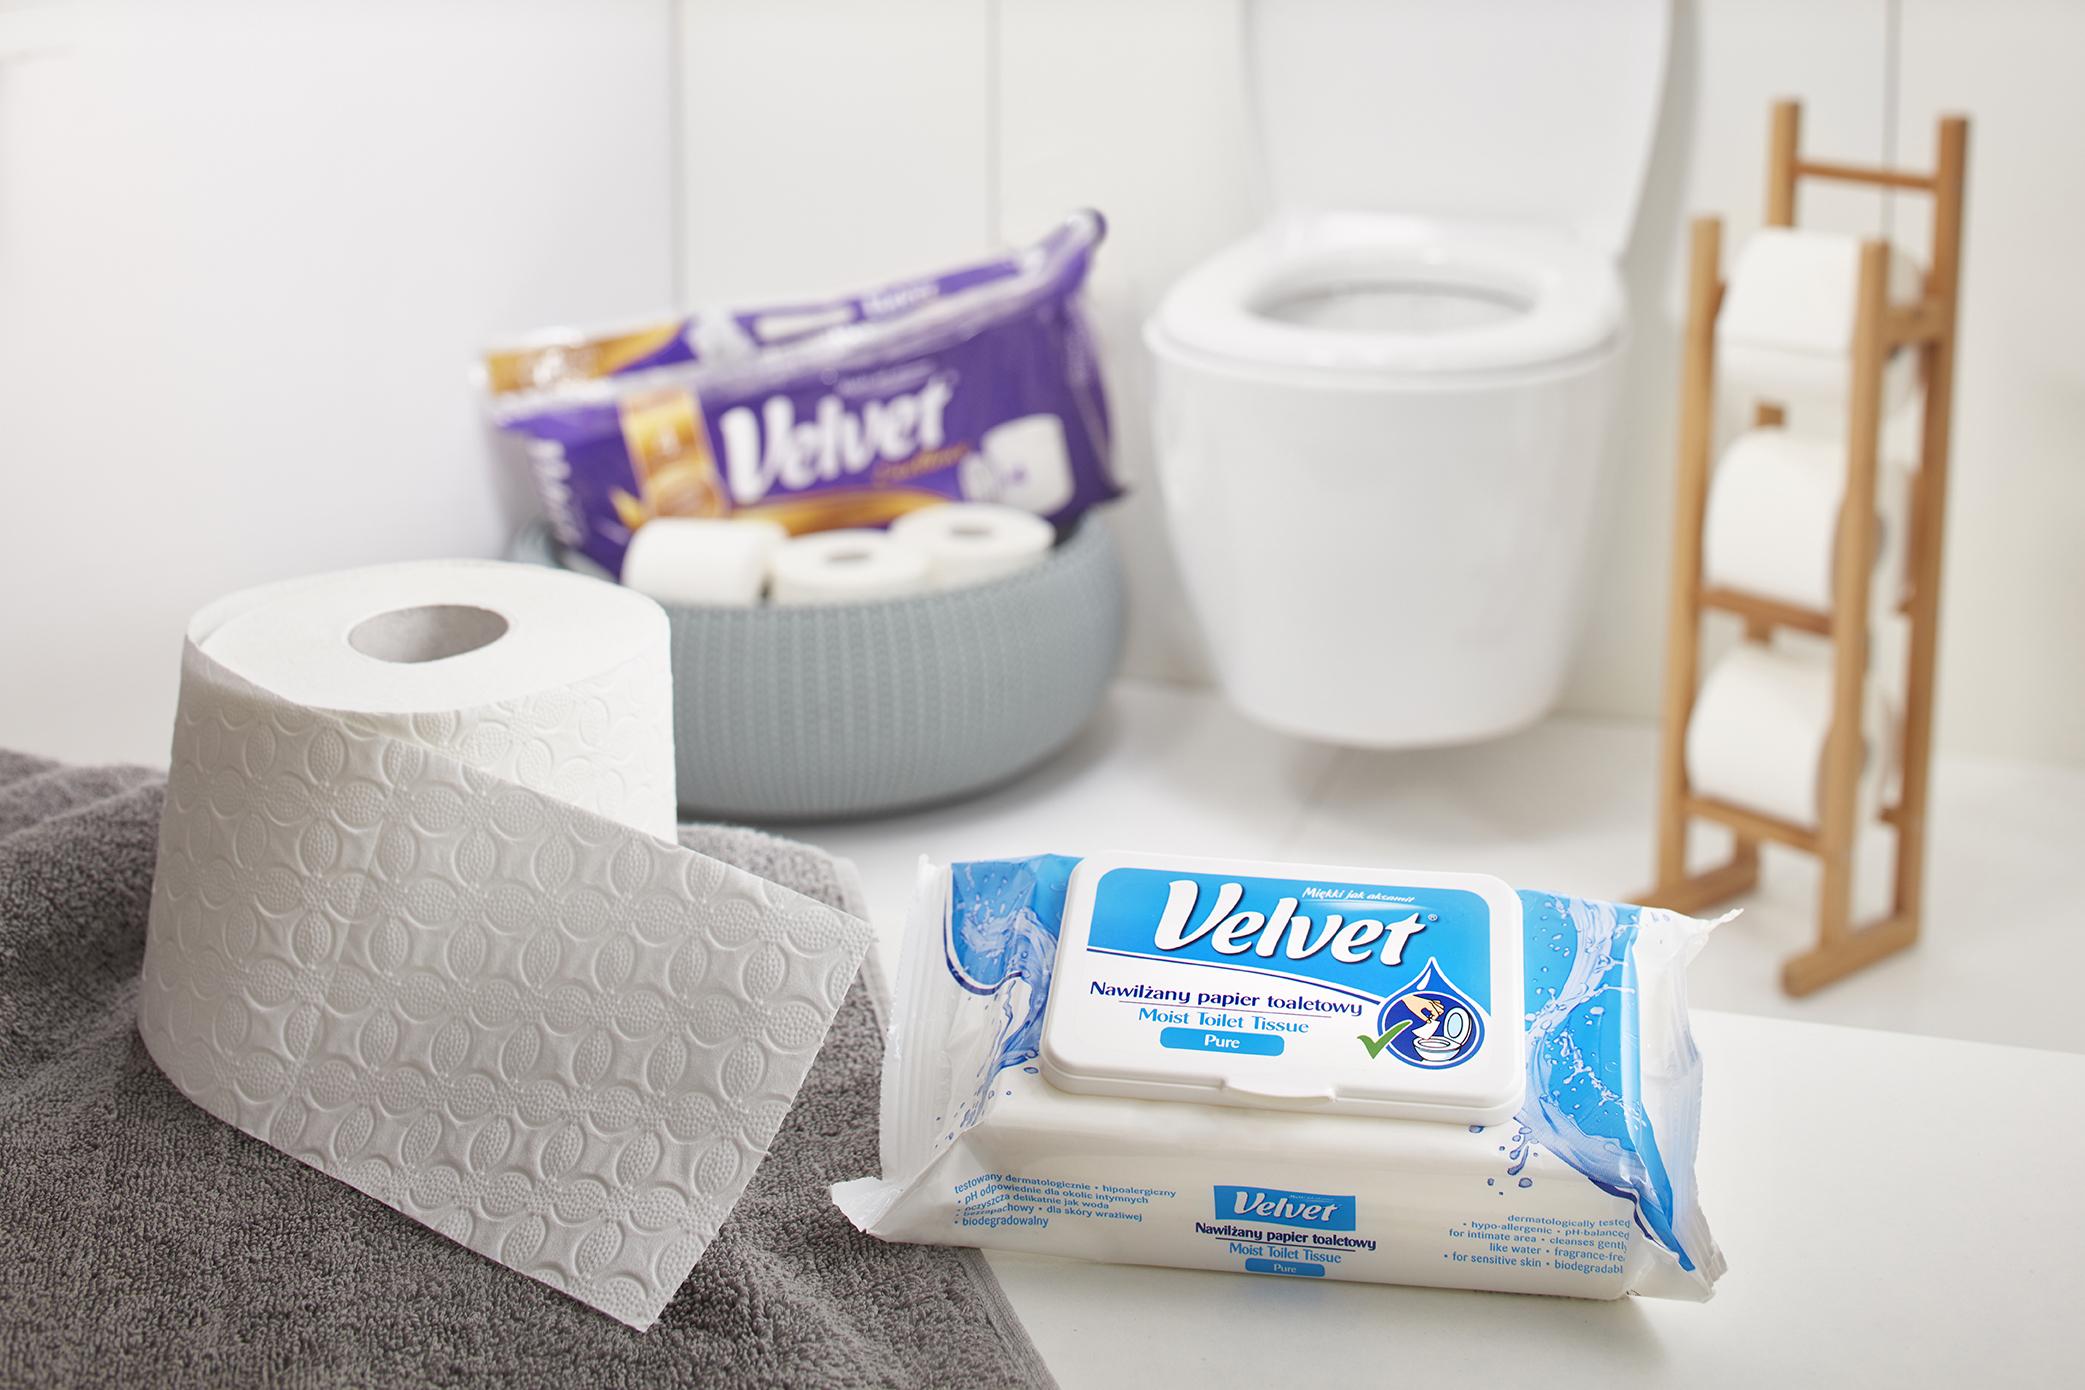 Intima nawilżany papier toaletowy Velvet